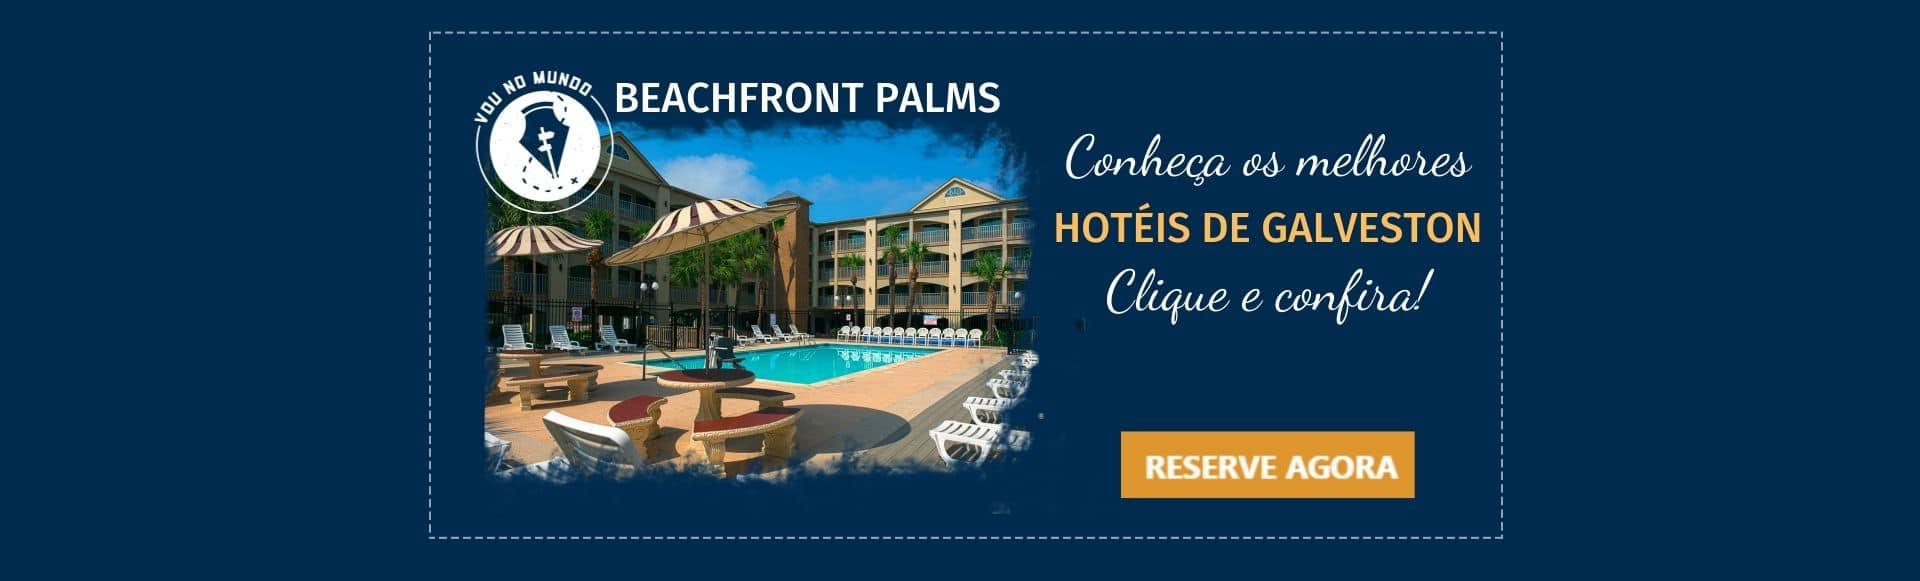 Hotel Beachfront Palm em Galveston, Texas.